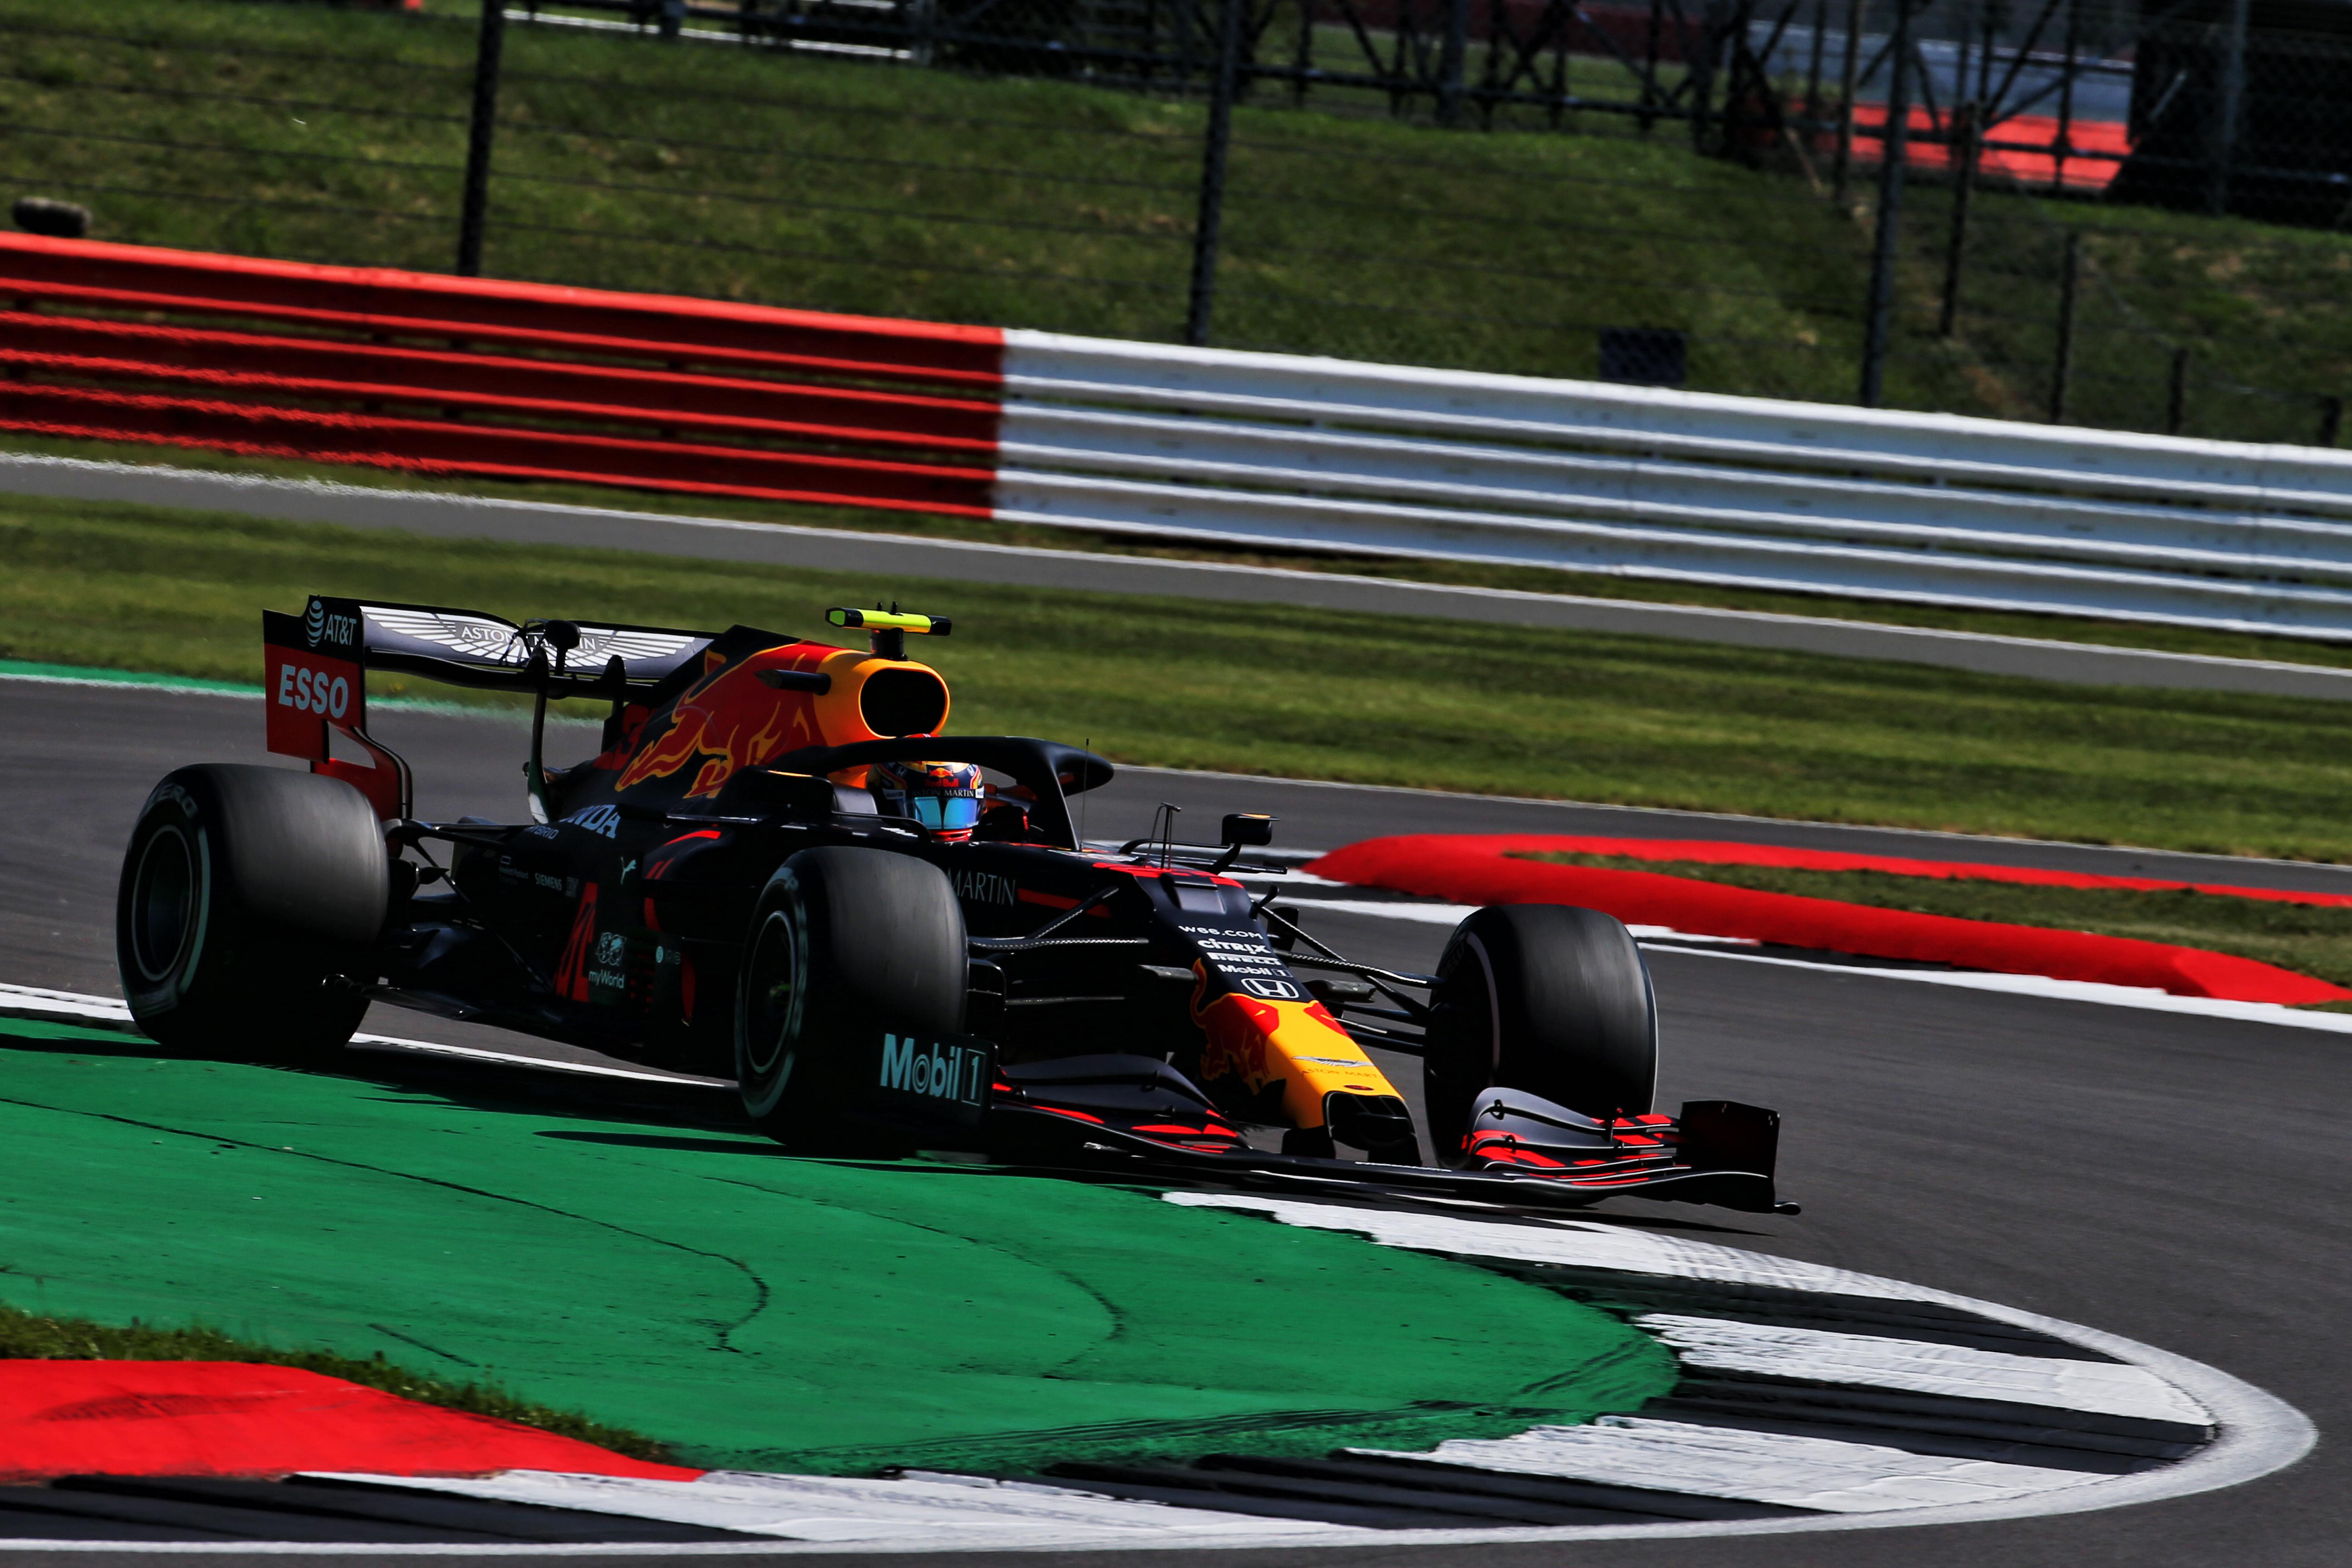 Alex Albon Red Bull British Grand Prix practice 2020 Silverstone